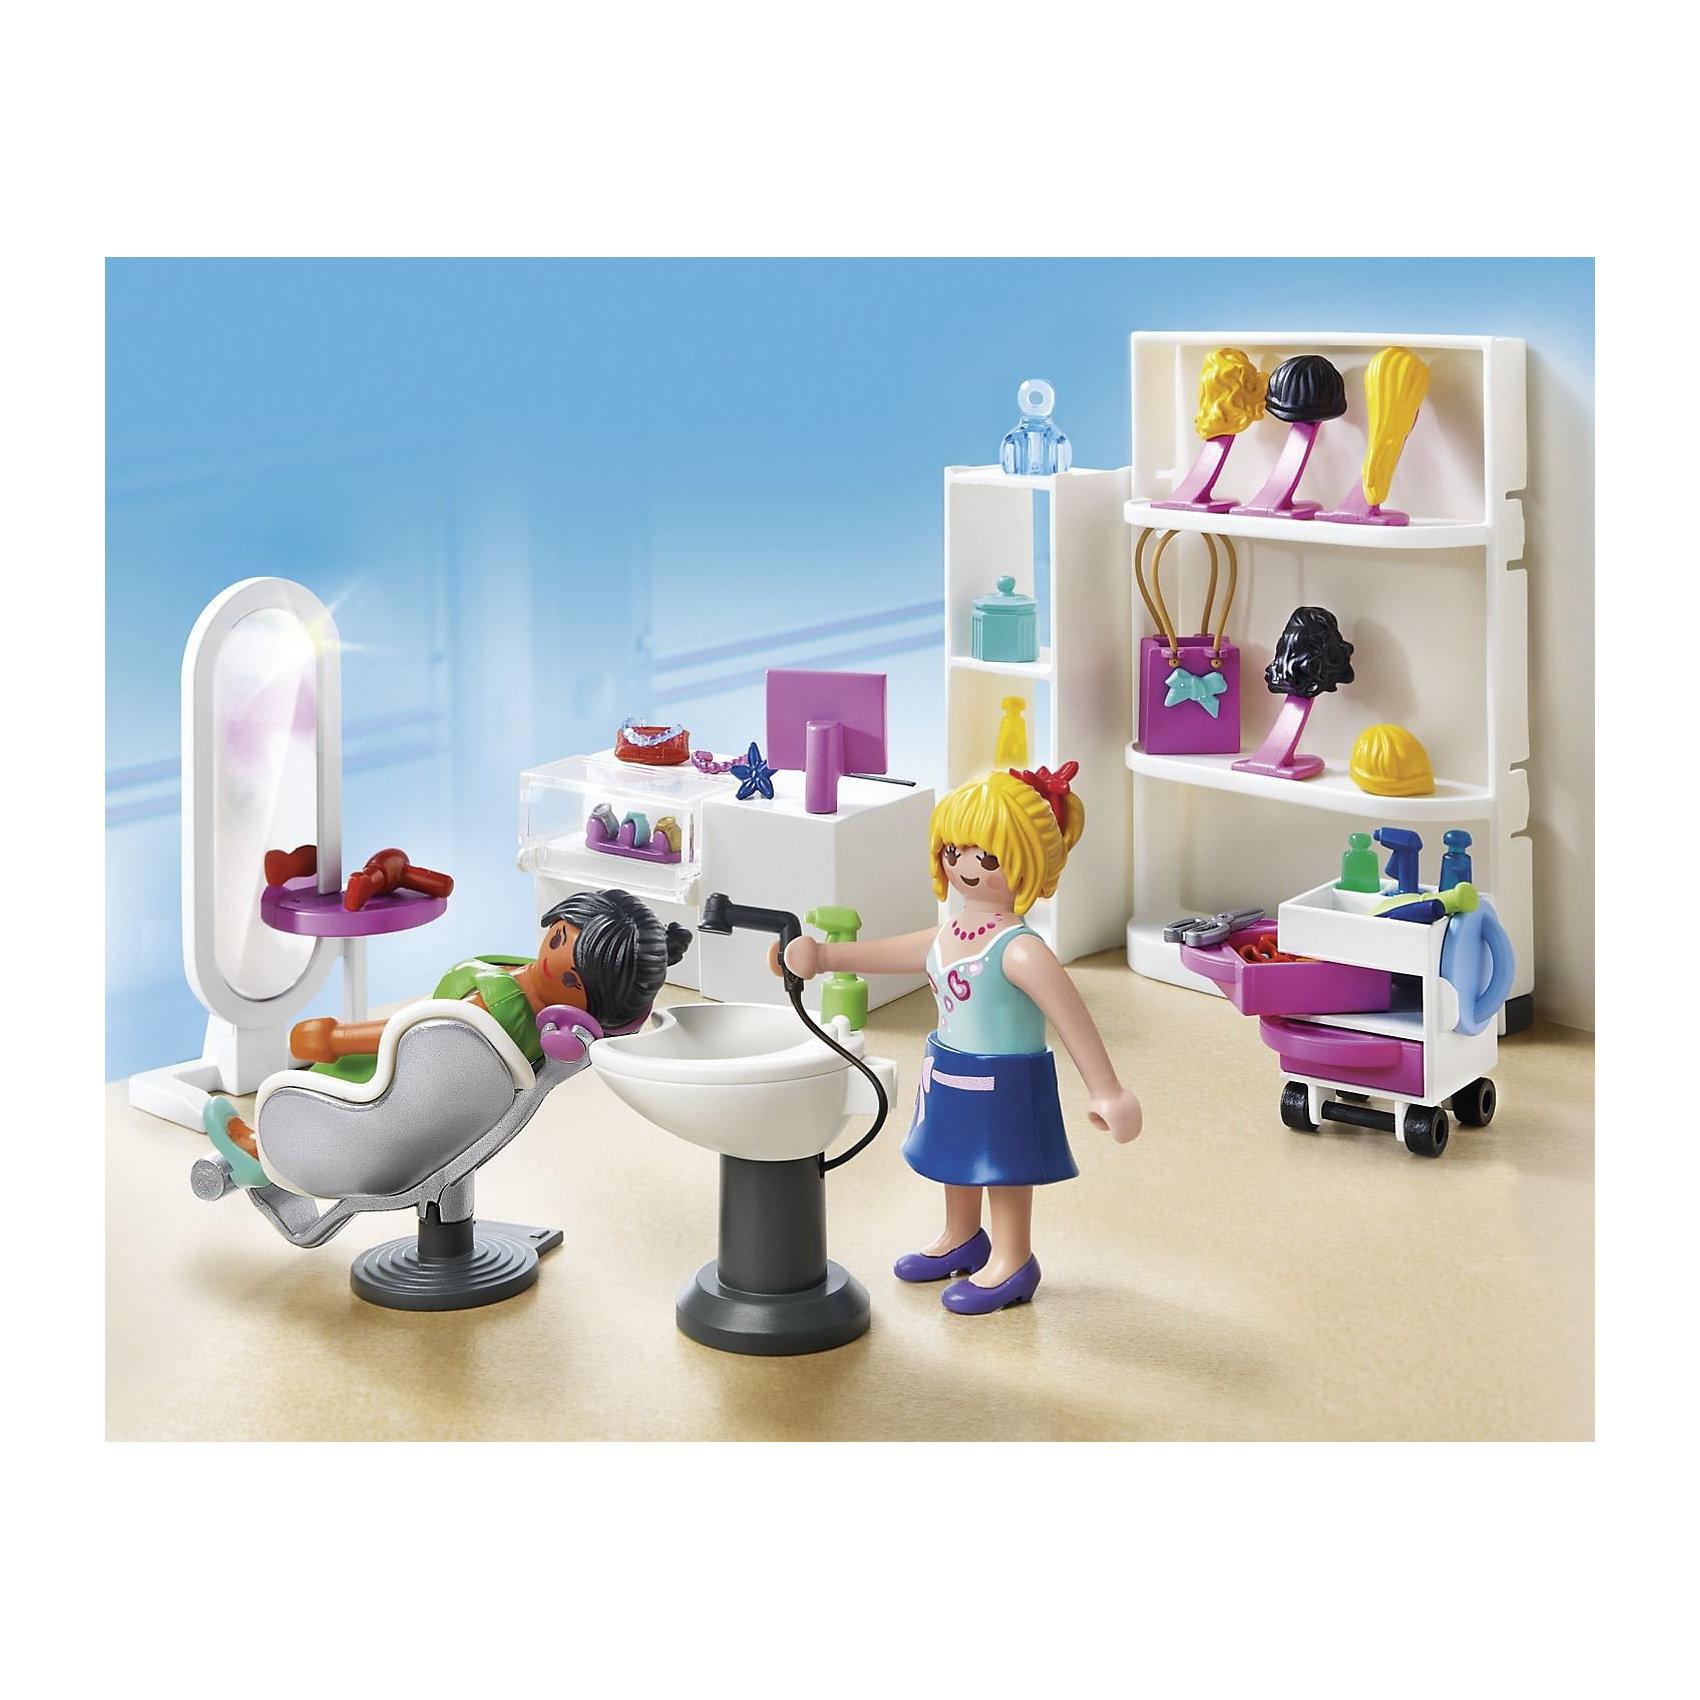 Торговый центр: Салон красоты, PLAYMOBILПластмассовые конструкторы<br>Торговый центр: Салон красоты, PLAYMOBIL (Плэймобил)<br><br>Характеристики:<br><br>• всё необходимое для игры в парикмахерскую и салон красоты<br>• игрушки изготовлены из безопасных материалов<br>• в комплекте: 2 фигурки, аксессуары<br>• материал: пластик<br>• размер упаковки: 8,1х30,5х22,9 см<br><br>Набор Торговый центр: Салон красоты поможет девочке создать игрушечный салон красоты с участием двух куколок. Фигуркам девочек, входящим в комплект можно сменить одежду и даже парик. В наборе вы найдете кресла, раковину, зеркало, полочку, тюбики и многое другое. Игрушки изготовлены из нетоксичного пластика, безопасного для детей. Создайте настоящий салон красоты для кукол у себя дома!<br><br>Торговый центр: Салон красоты, PLAYMOBIL (Плэймобил) можно купить в нашем интернет-магазине.<br><br>Ширина мм: 255<br>Глубина мм: 203<br>Высота мм: 81<br>Вес г: 322<br>Возраст от месяцев: 60<br>Возраст до месяцев: 144<br>Пол: Женский<br>Возраст: Детский<br>SKU: 3101960